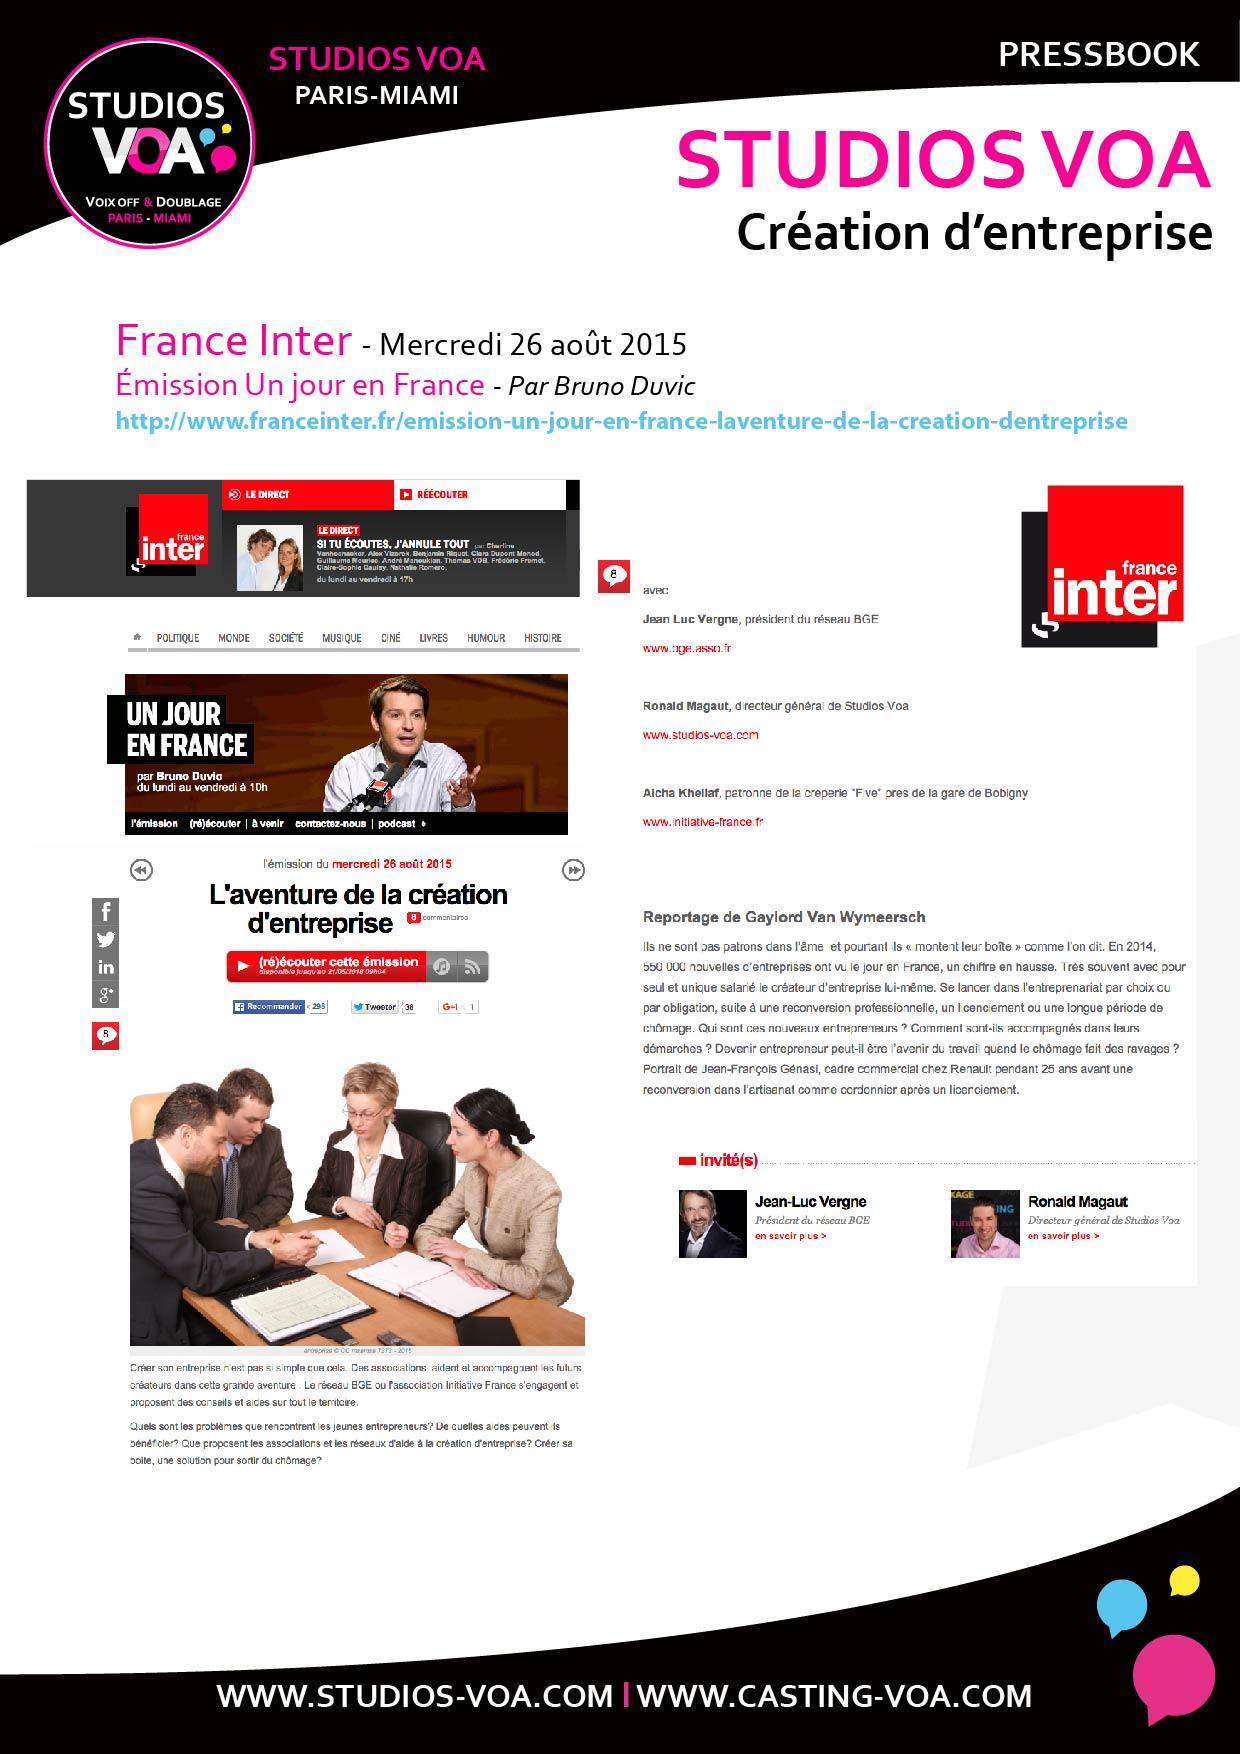 Pressbook-VOA_160122_Plan-de-travail-11